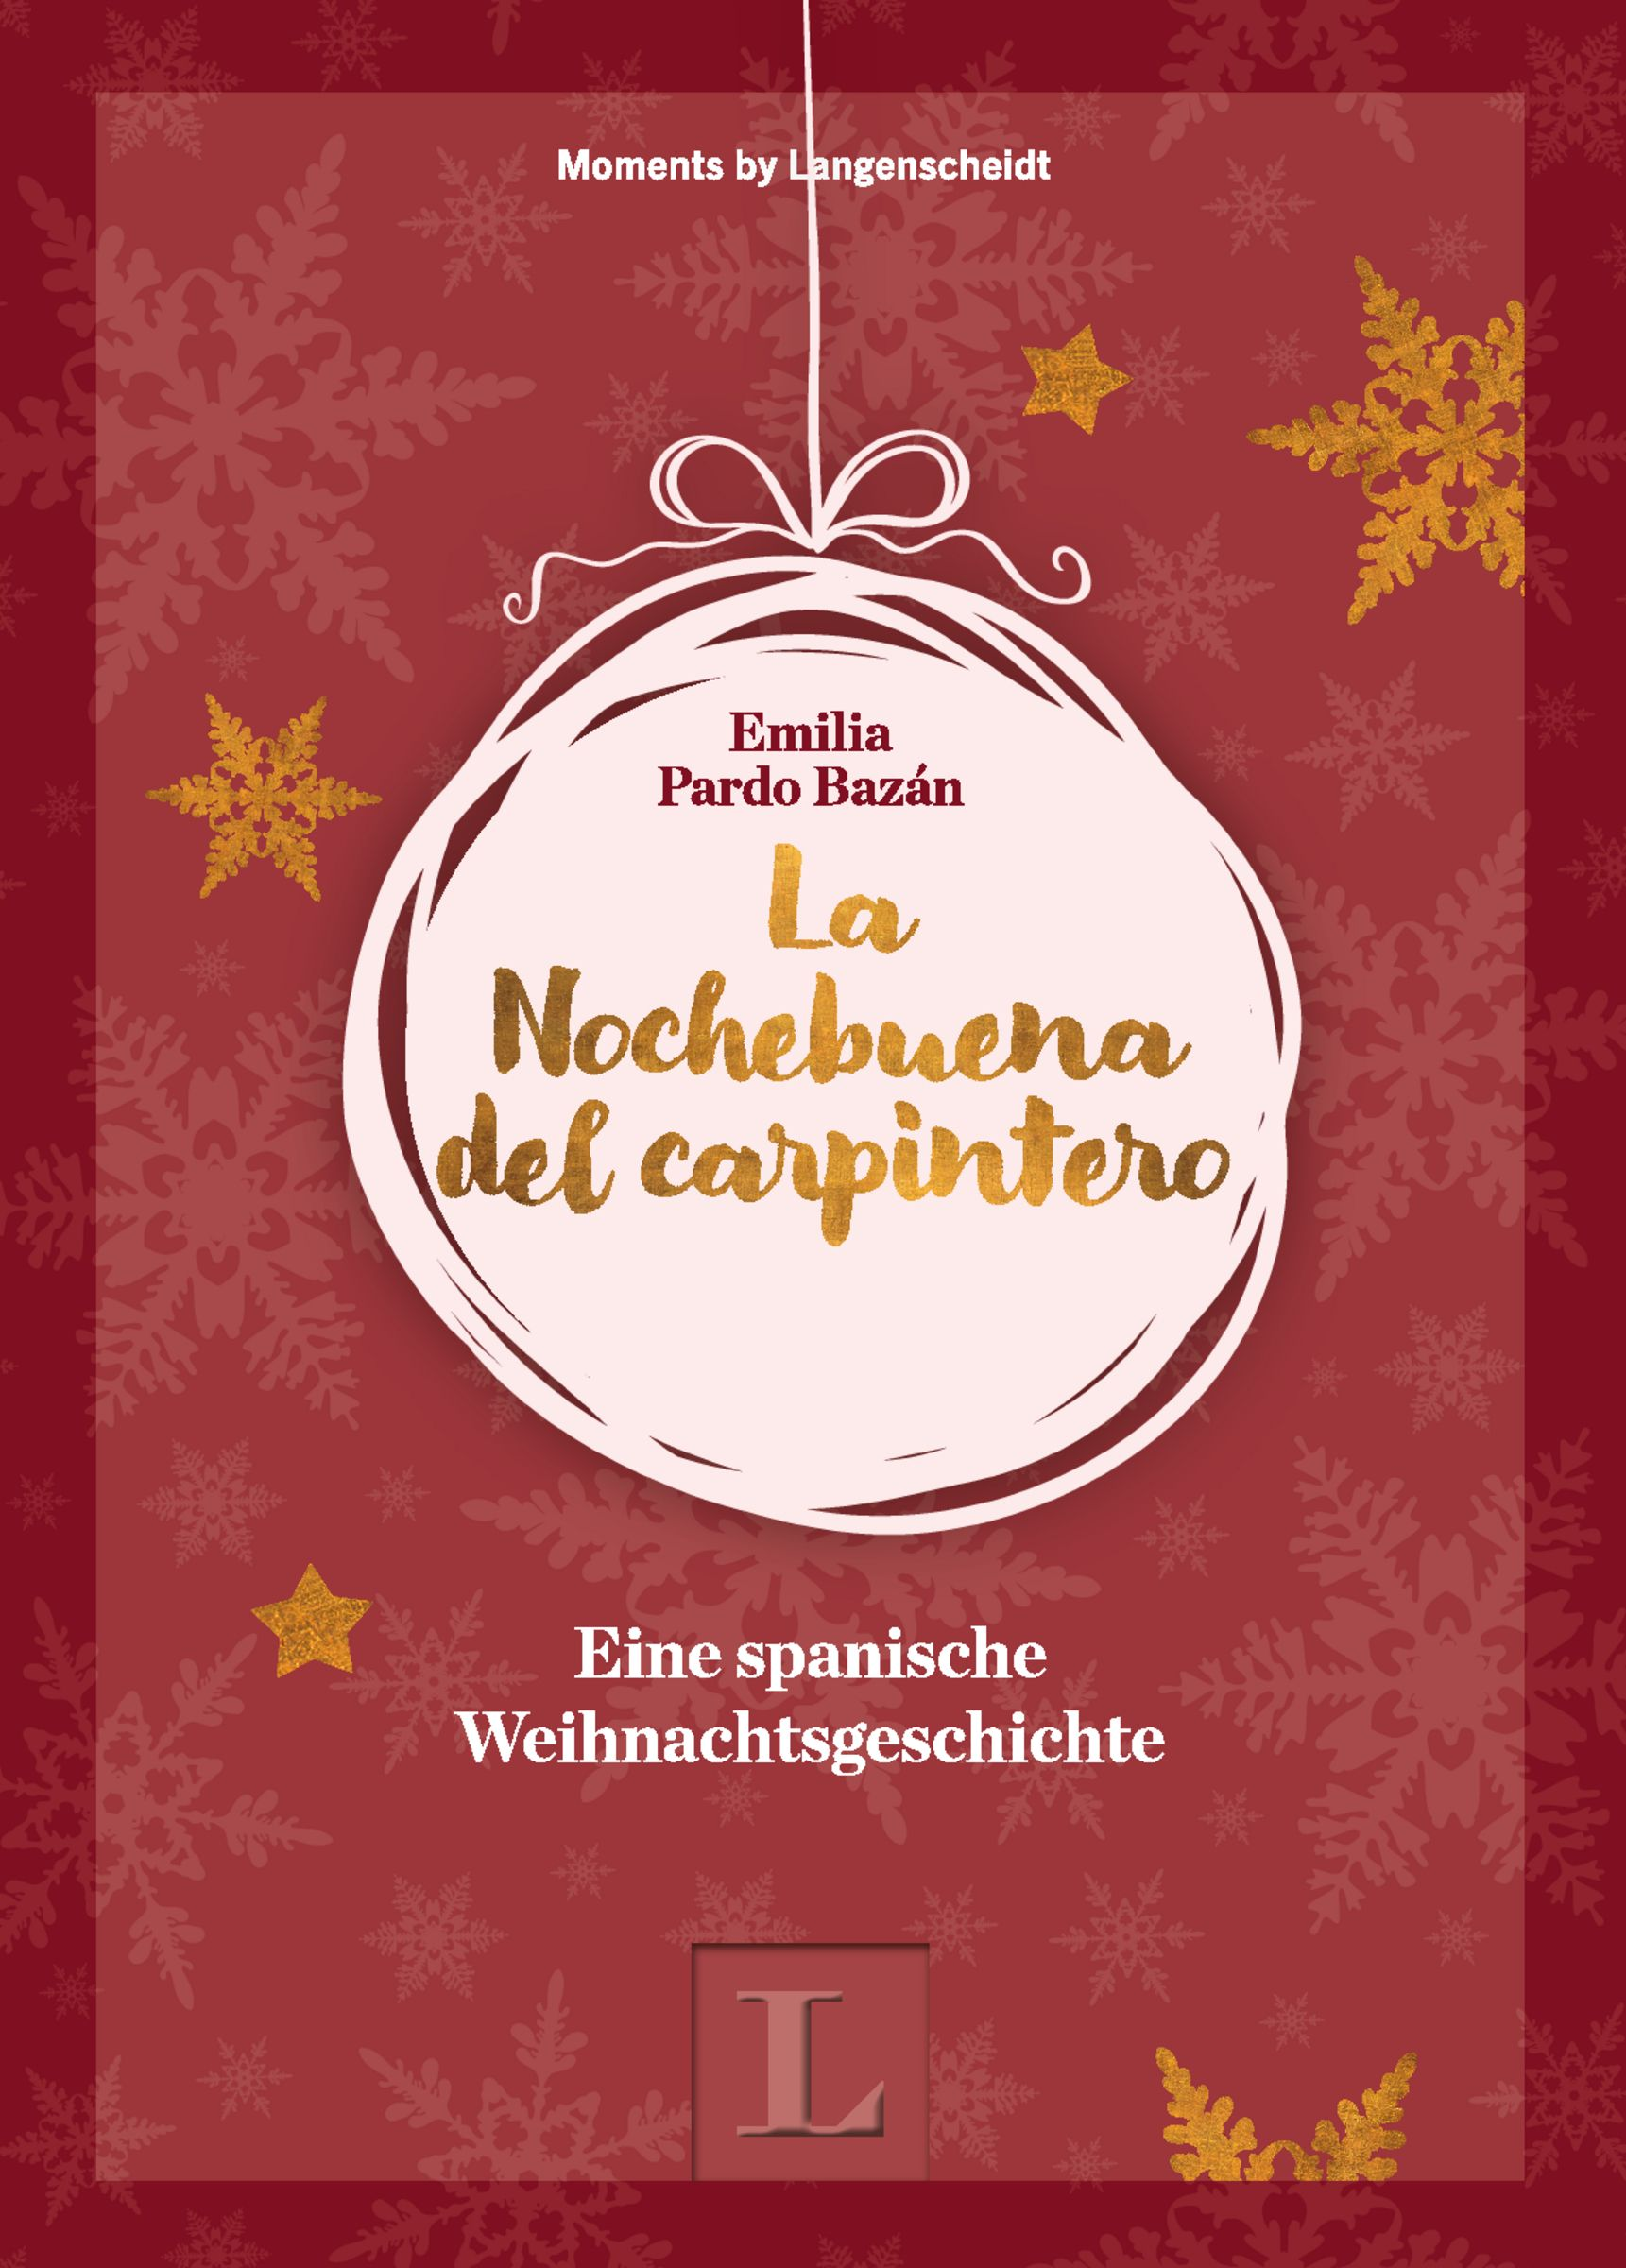 La Nochebuena del carpintero - Eine spanische Weihnachtsgeschichte von